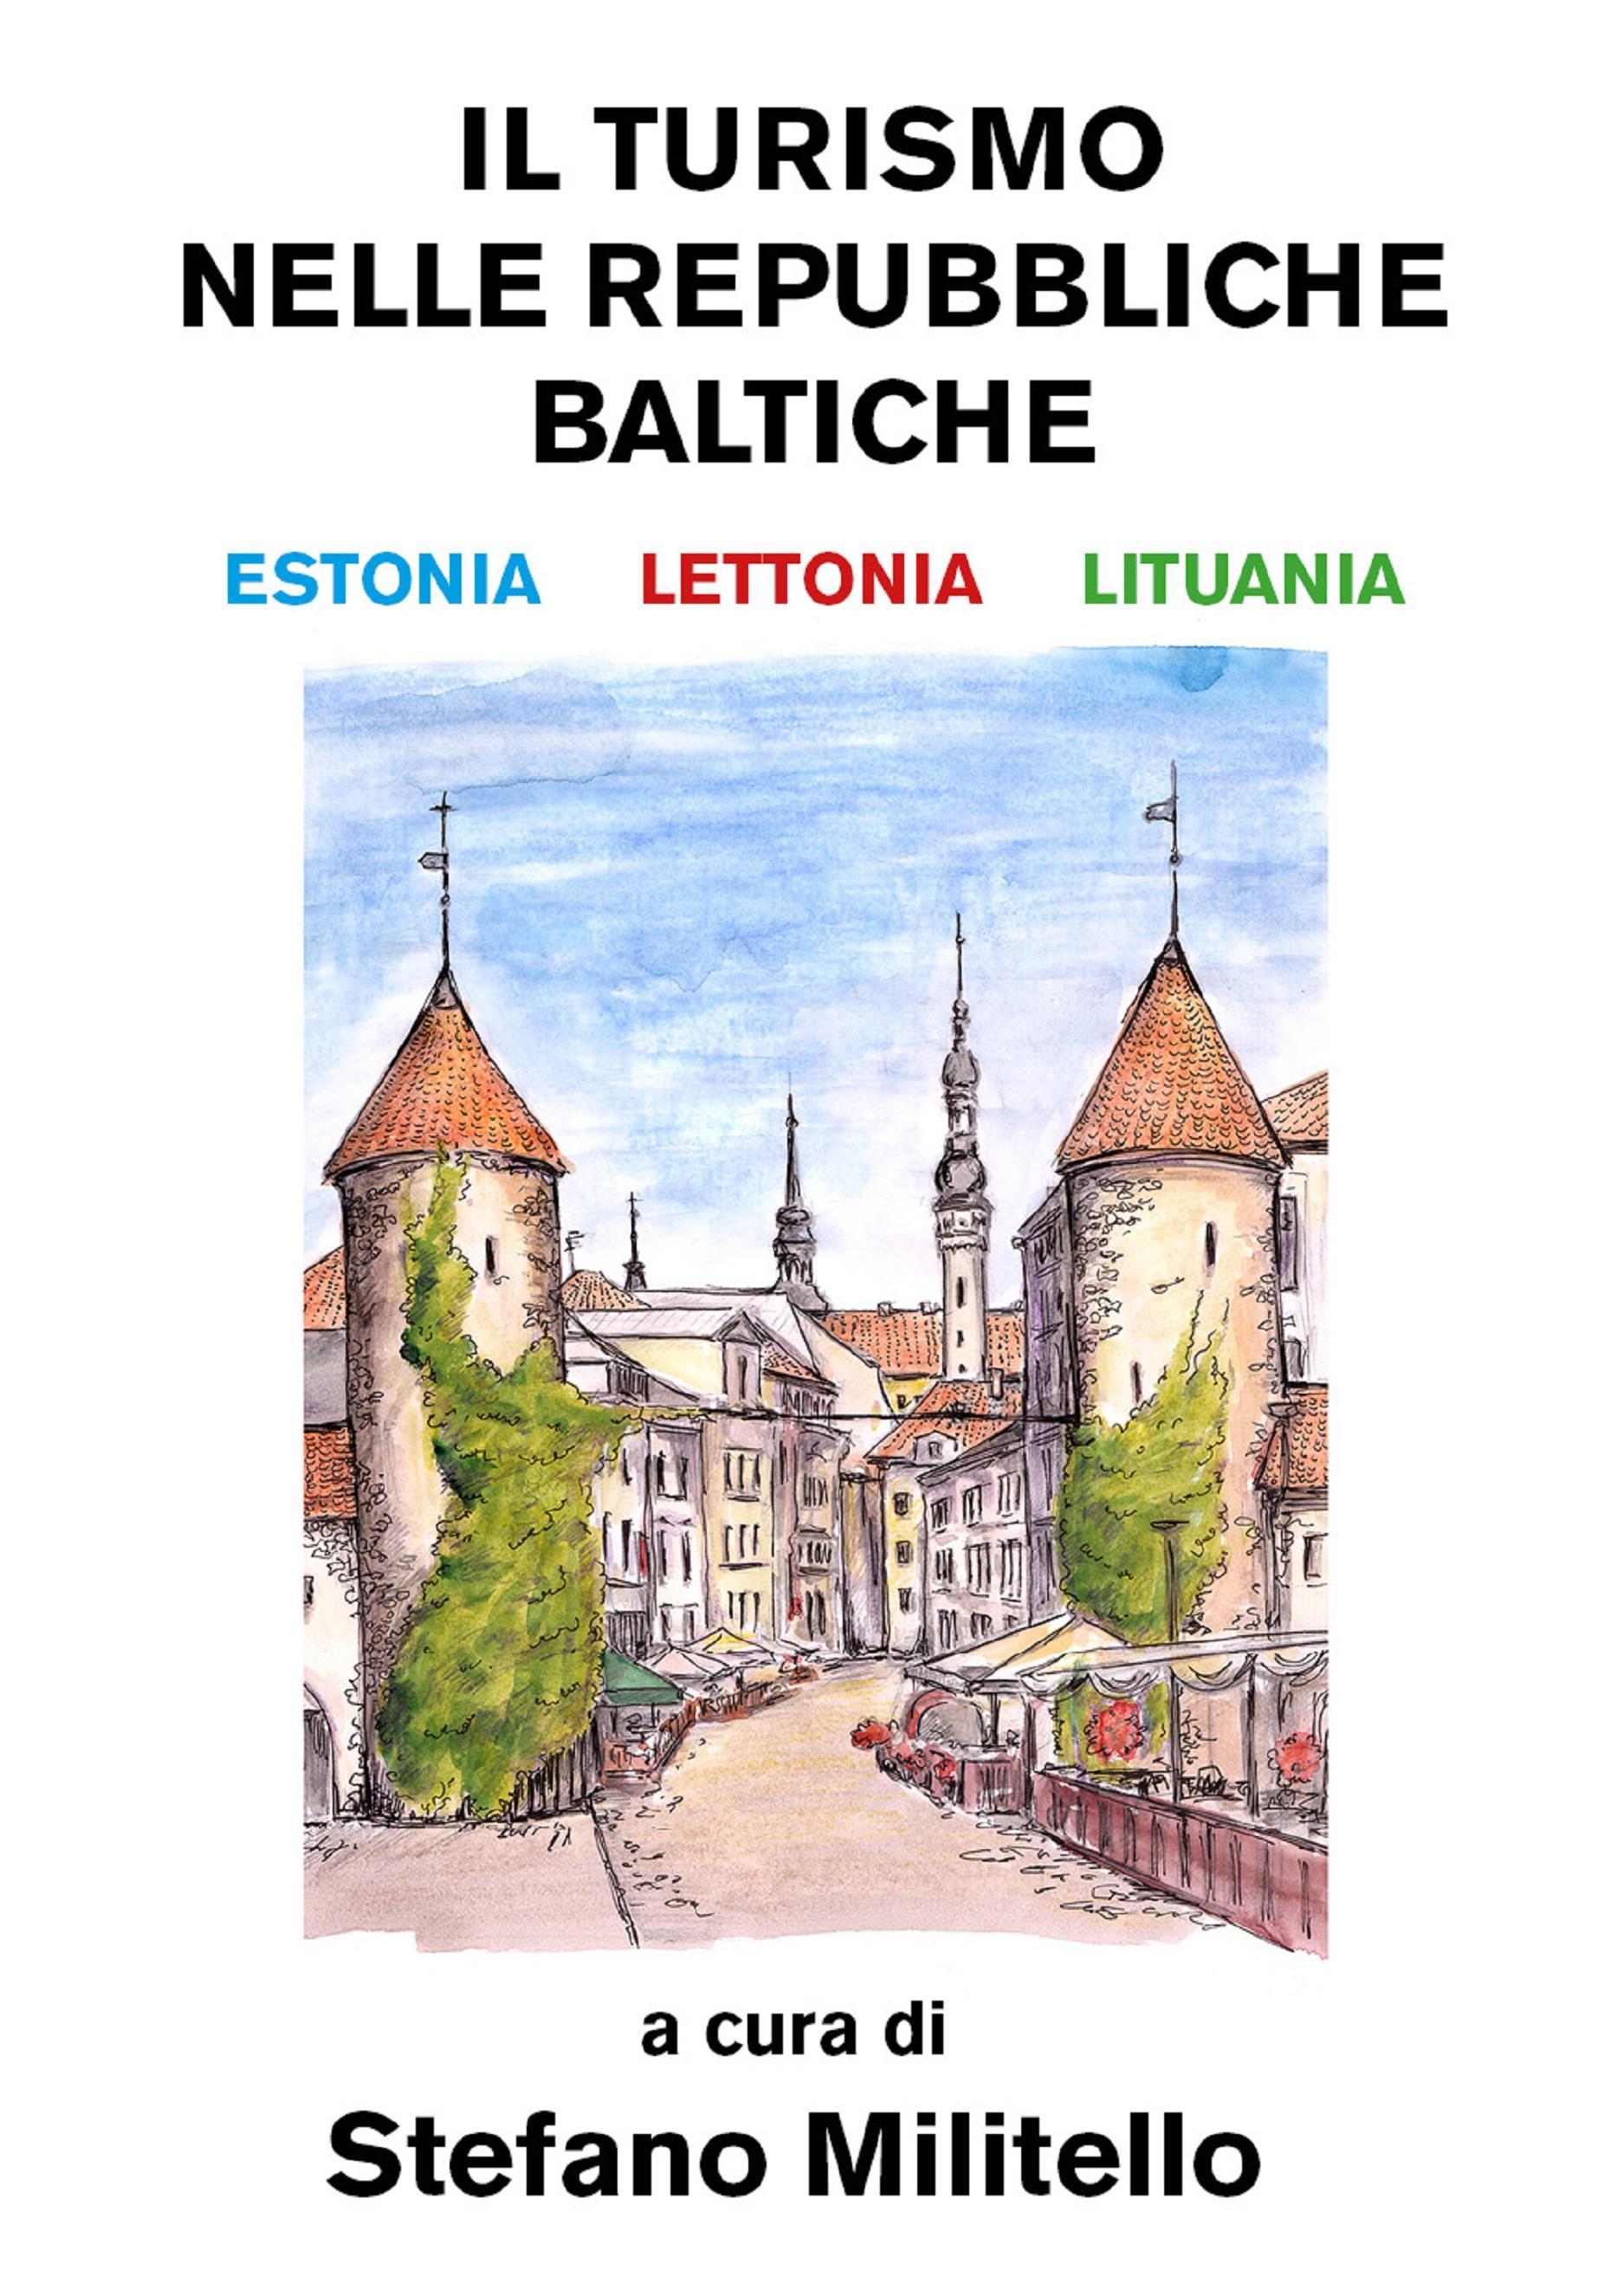 Il turismo nelle Repubbliche Baltiche. Estonia, Lettonia e Lituania.